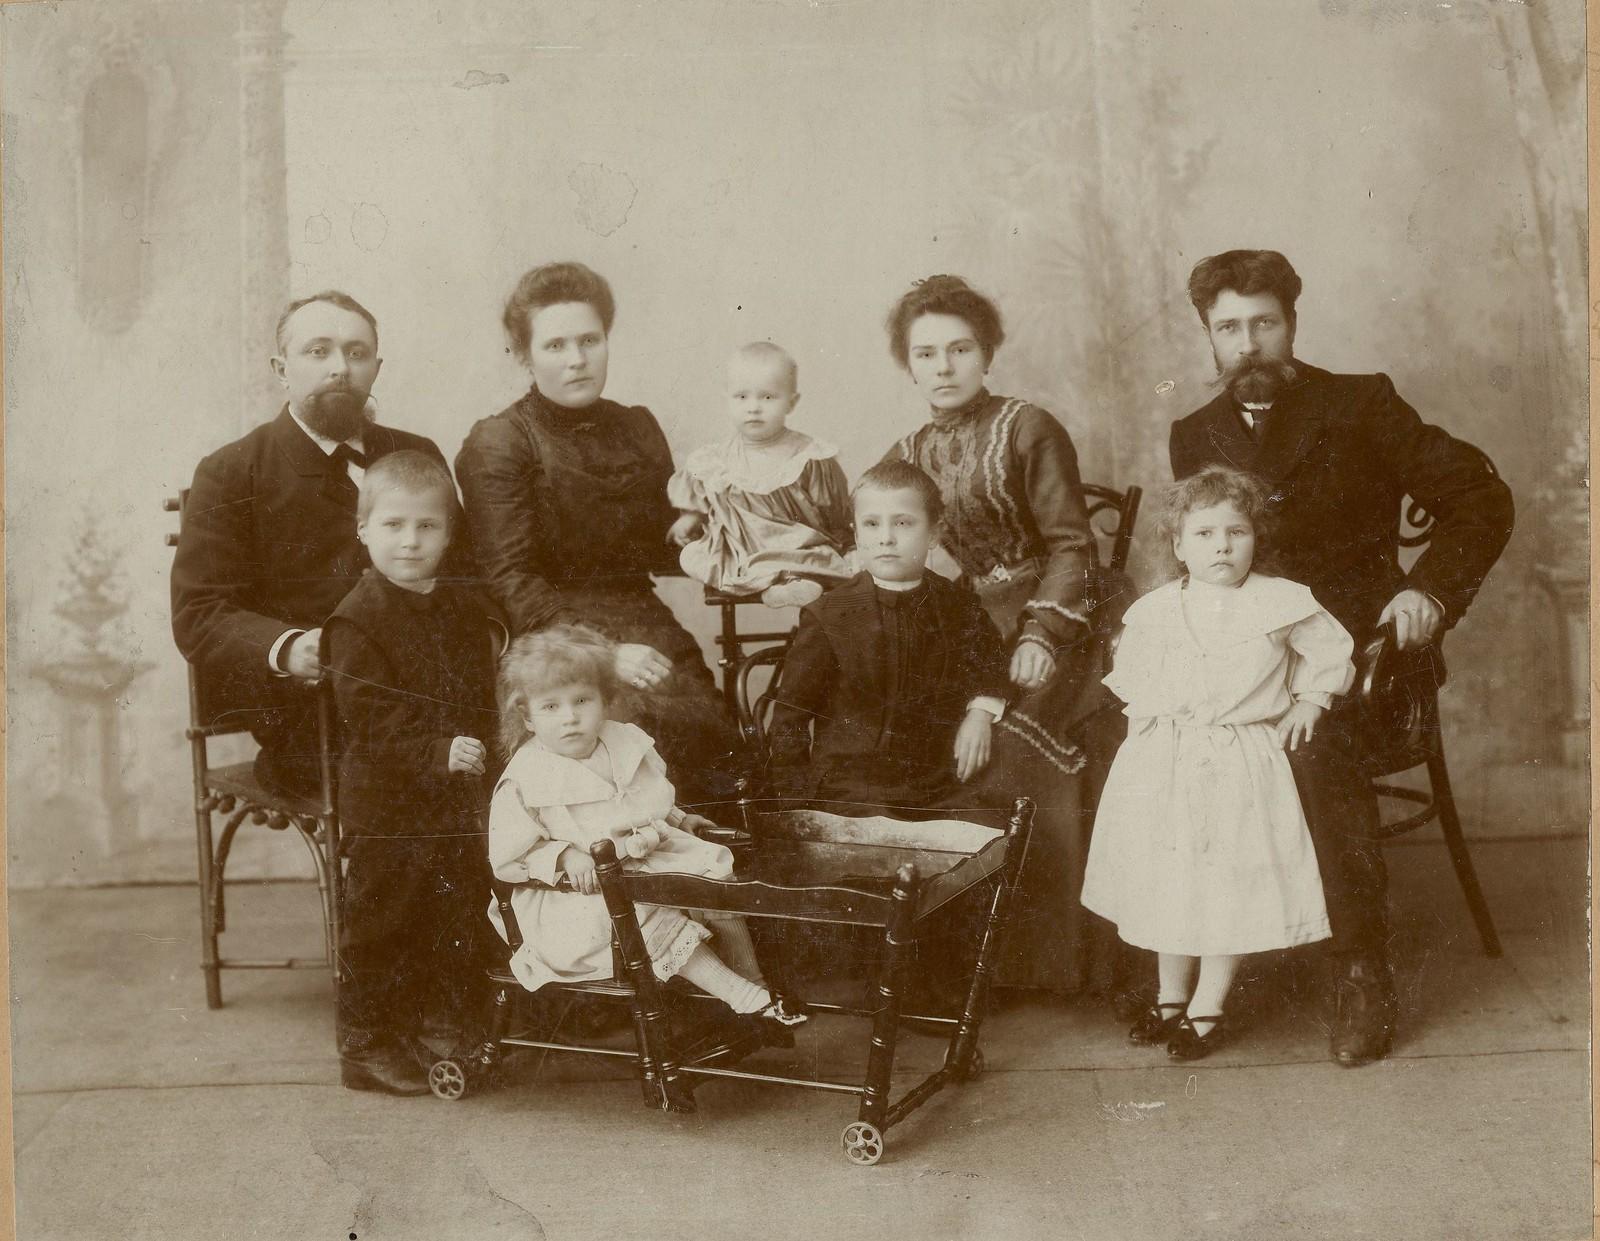 1900-е. Семья строителя транссибирской железной дороги Усевича с друзьями